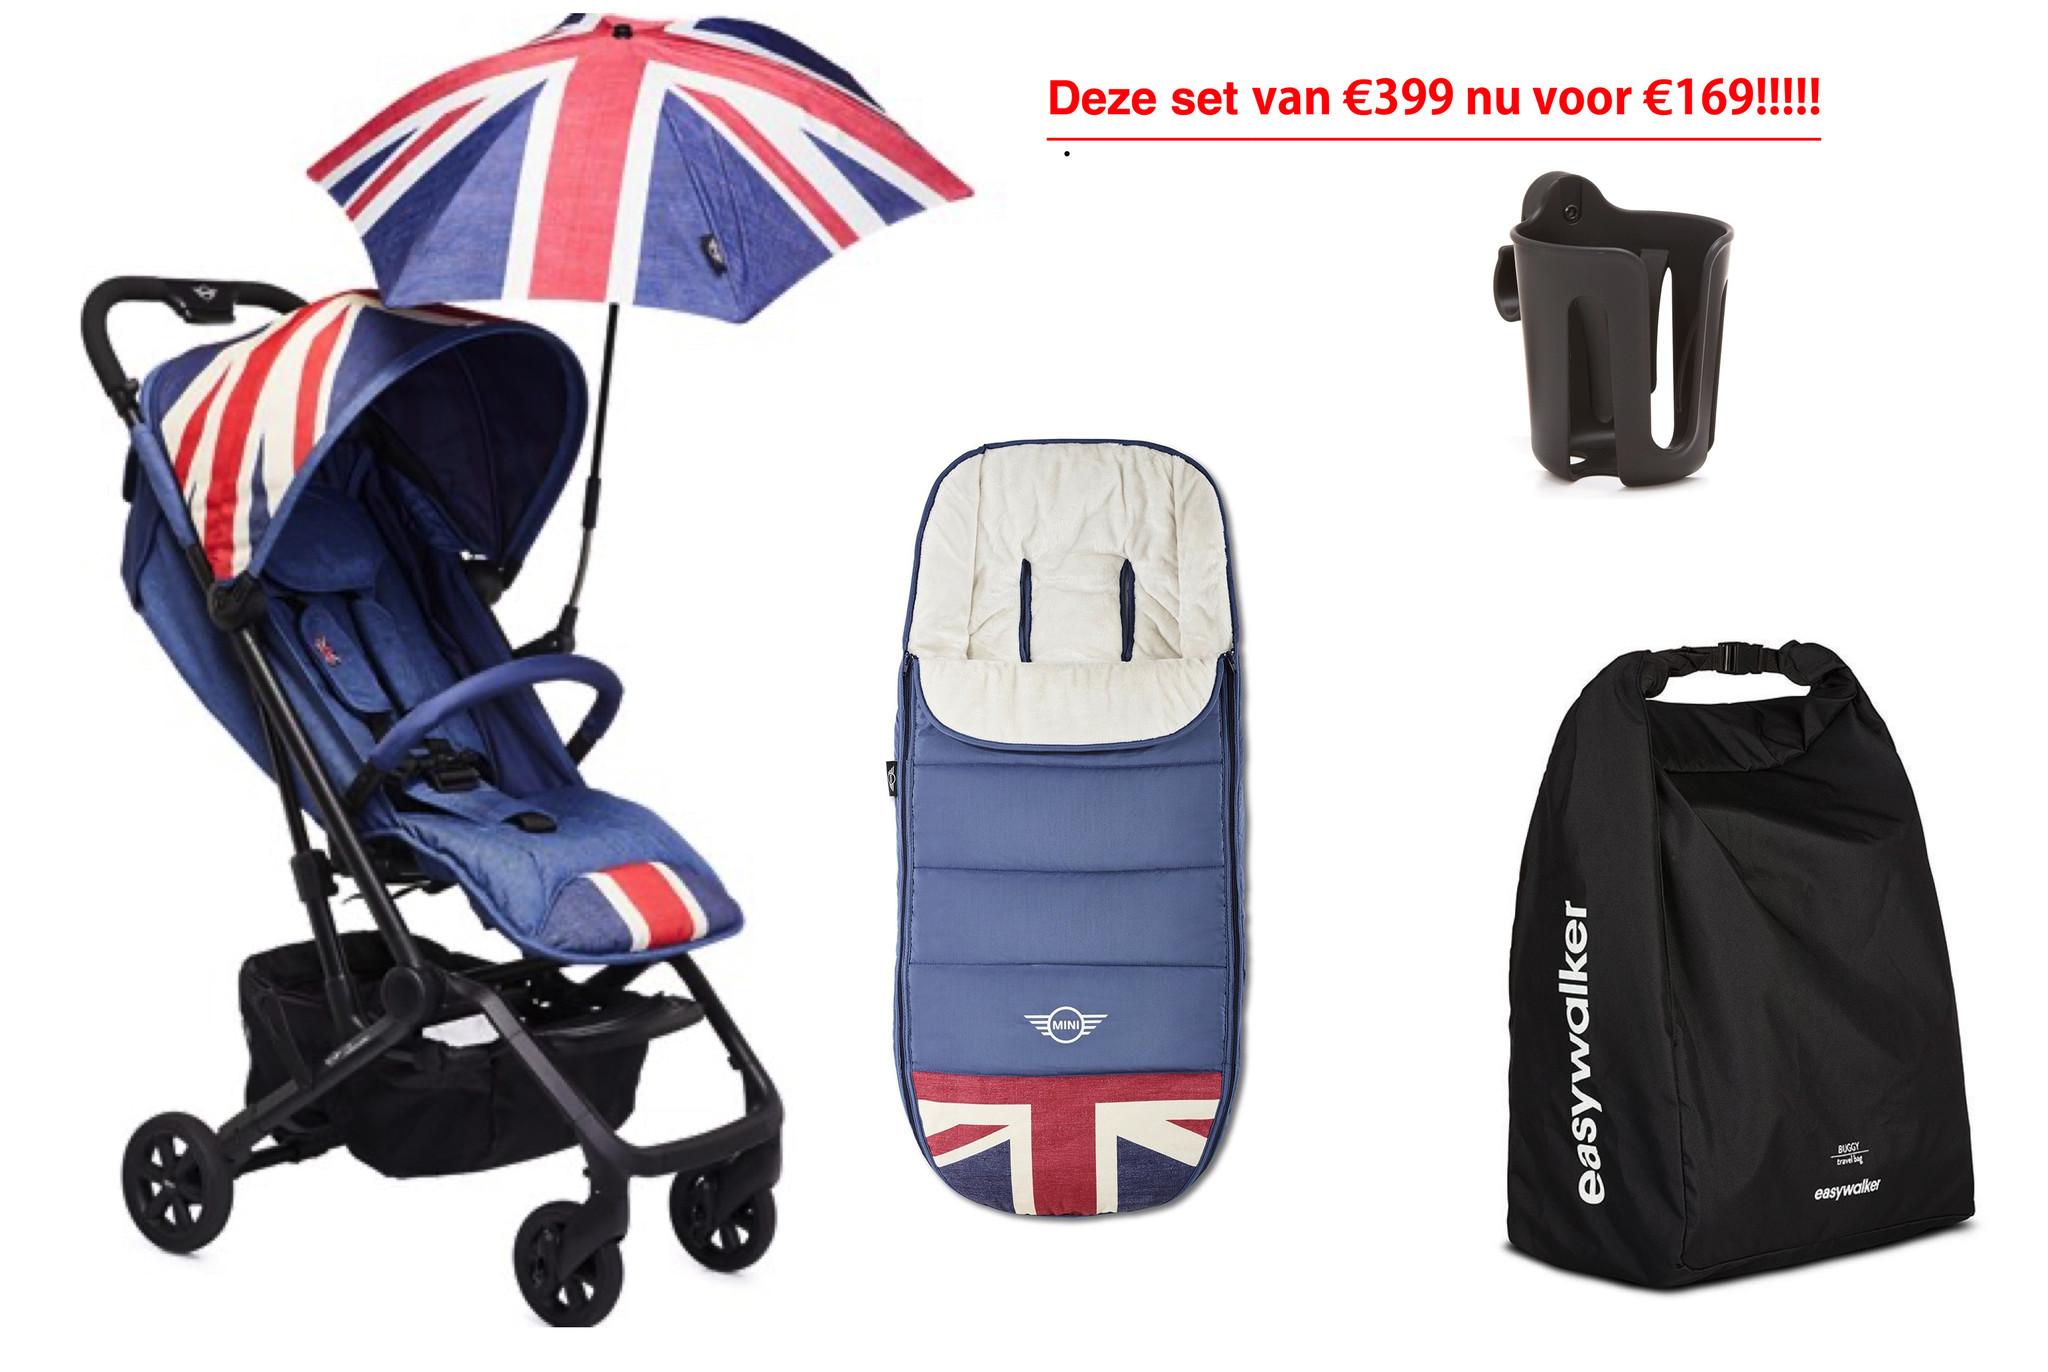 Easywalker Mini von Easywalker XS Buggy Union Jack Vintage und Sonnenschirm und Fußsack sowie Transporttasche und Getränkehalter